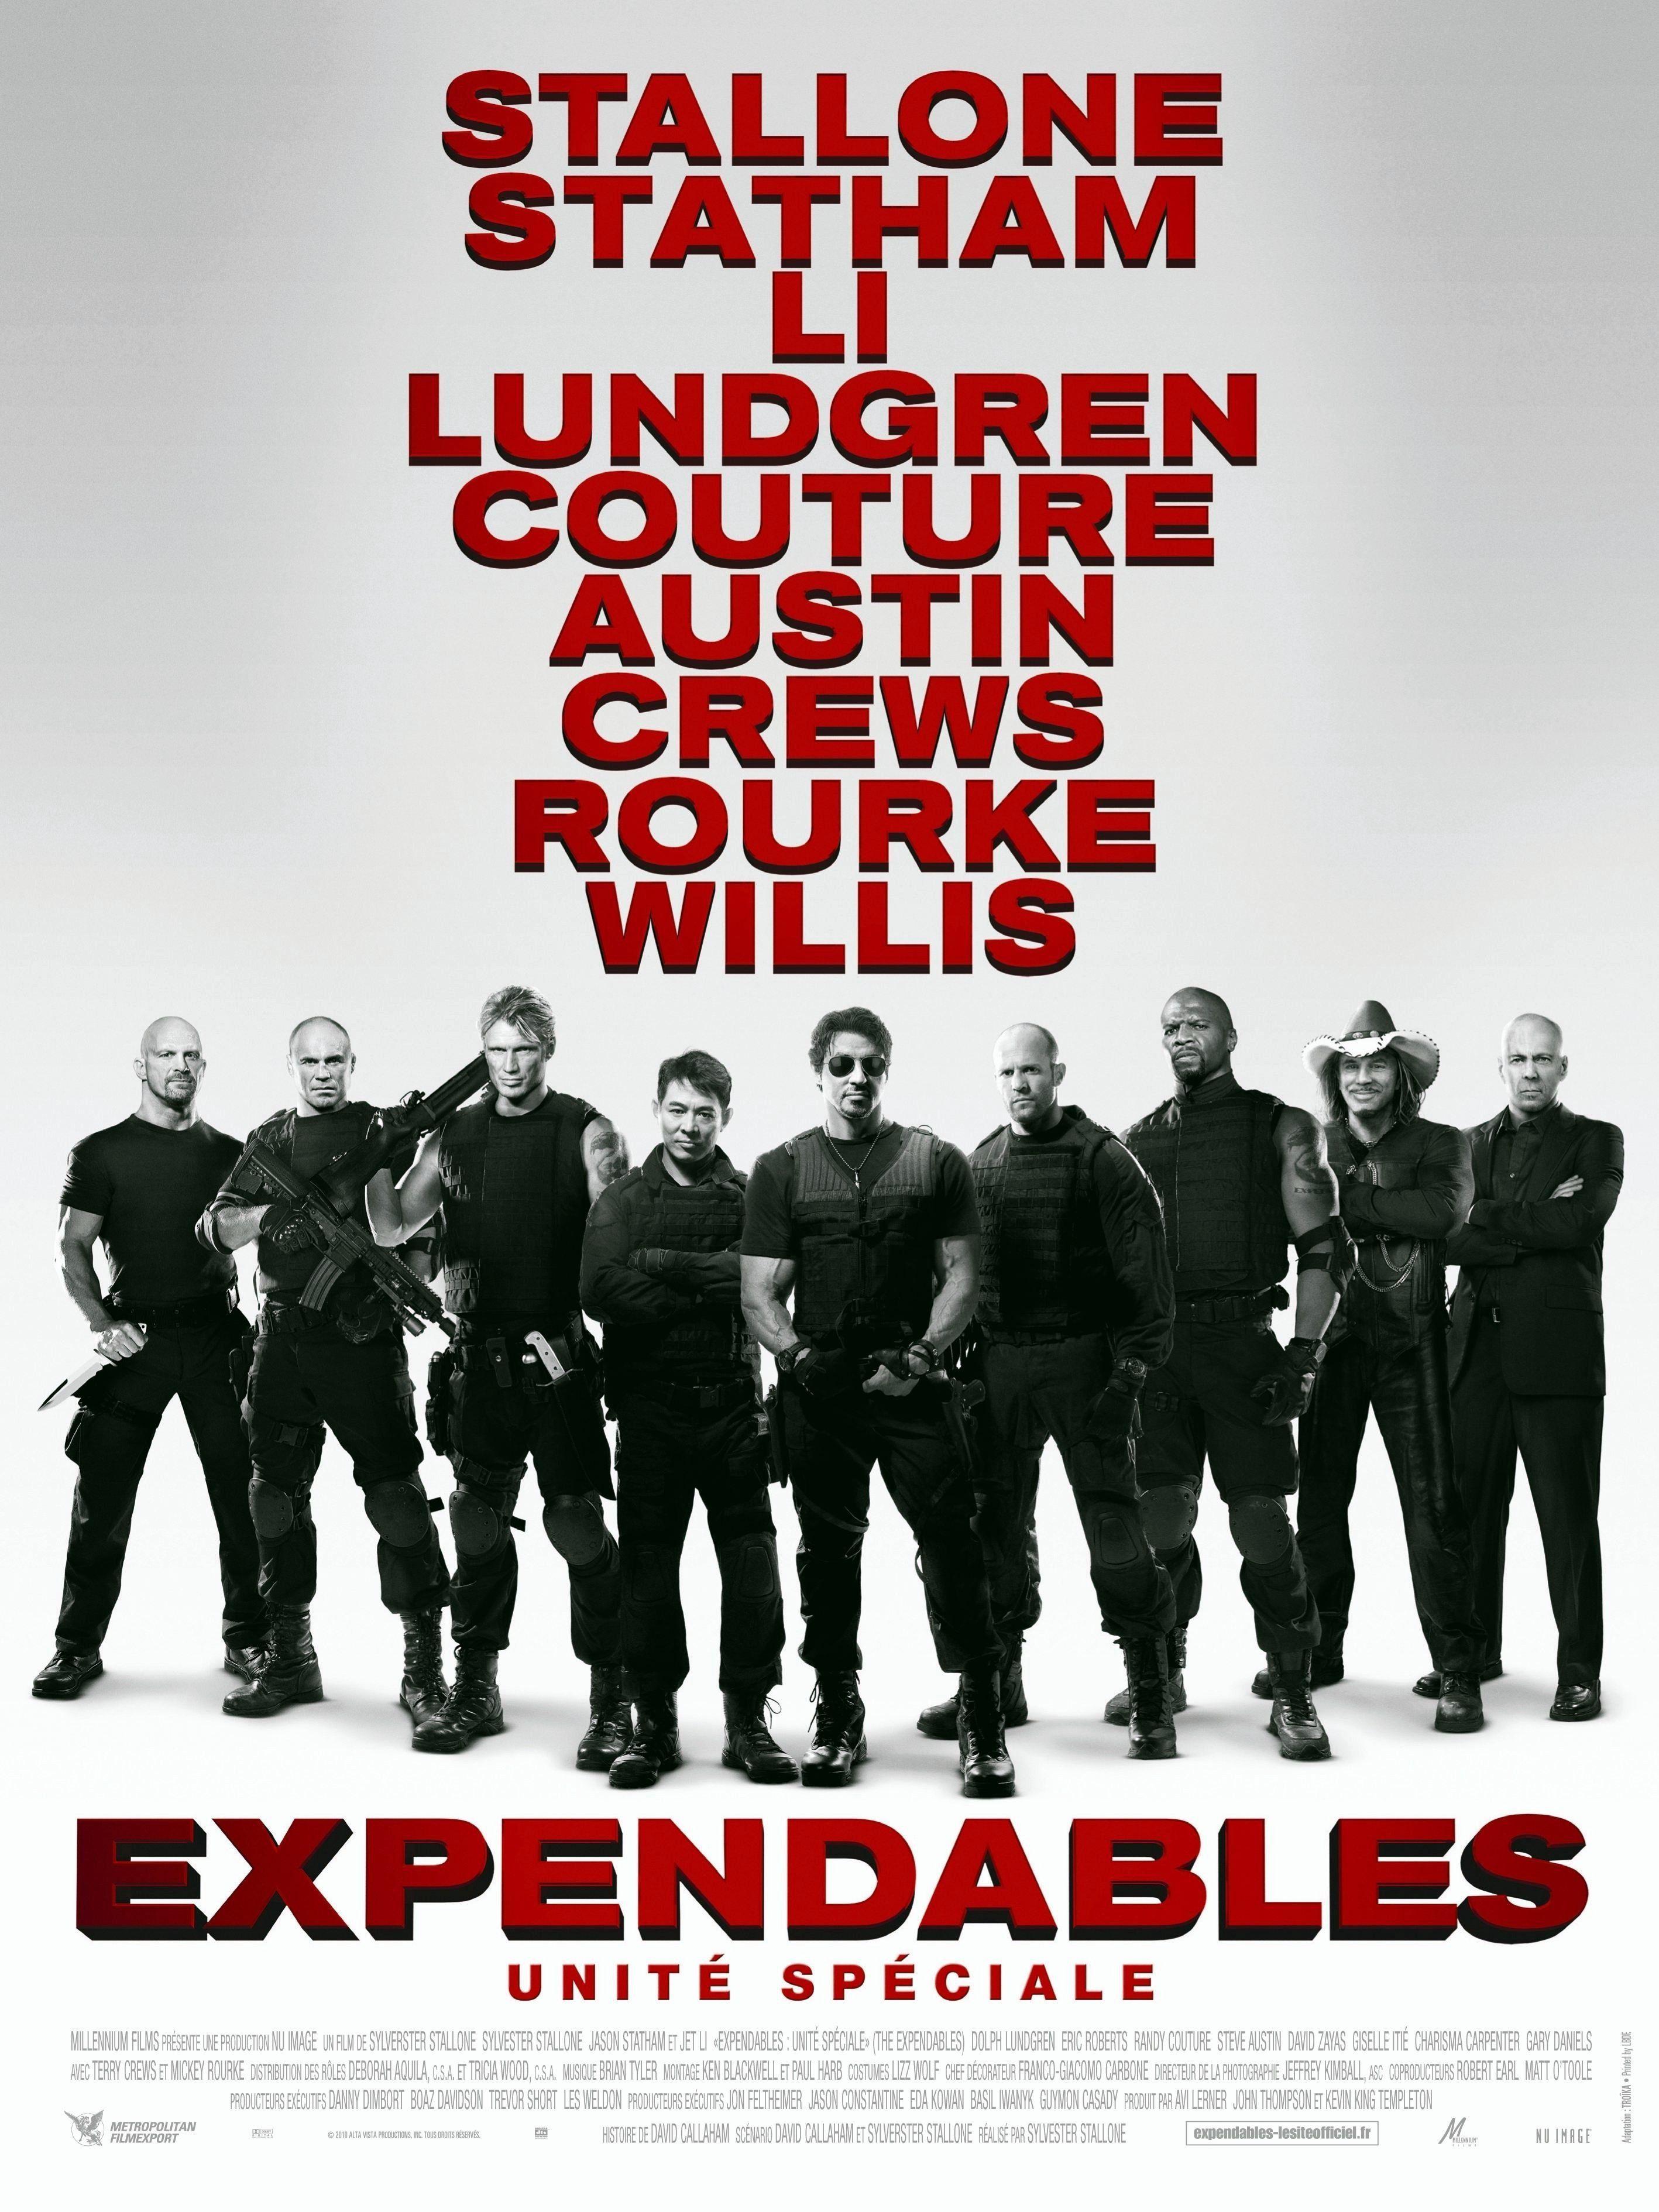 Expendables : Unité spéciale - Film (2010)